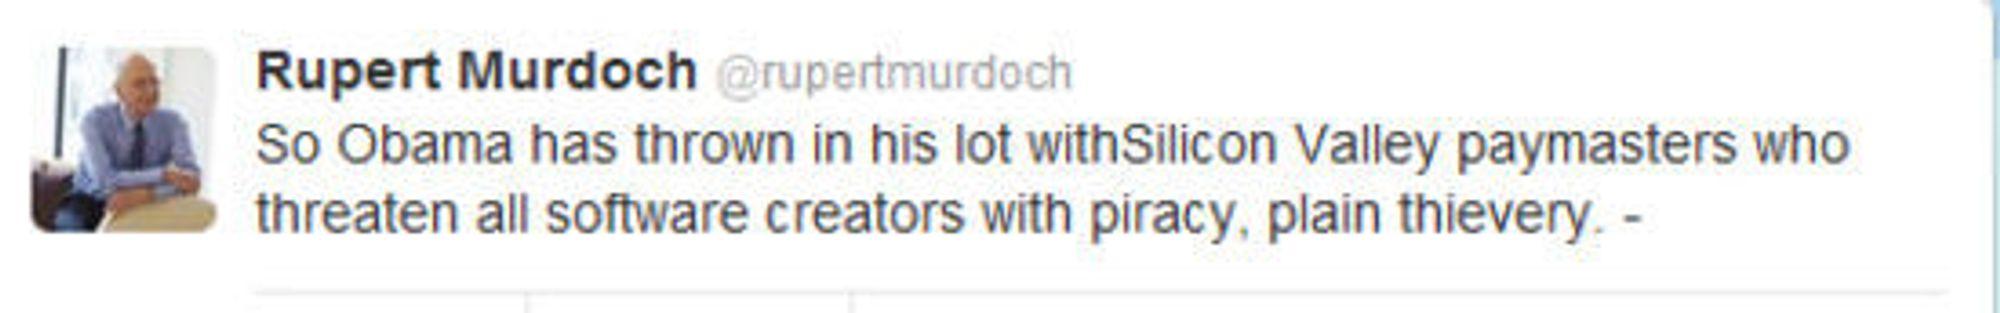 Faksimile fra Murdochs twitter-feed.